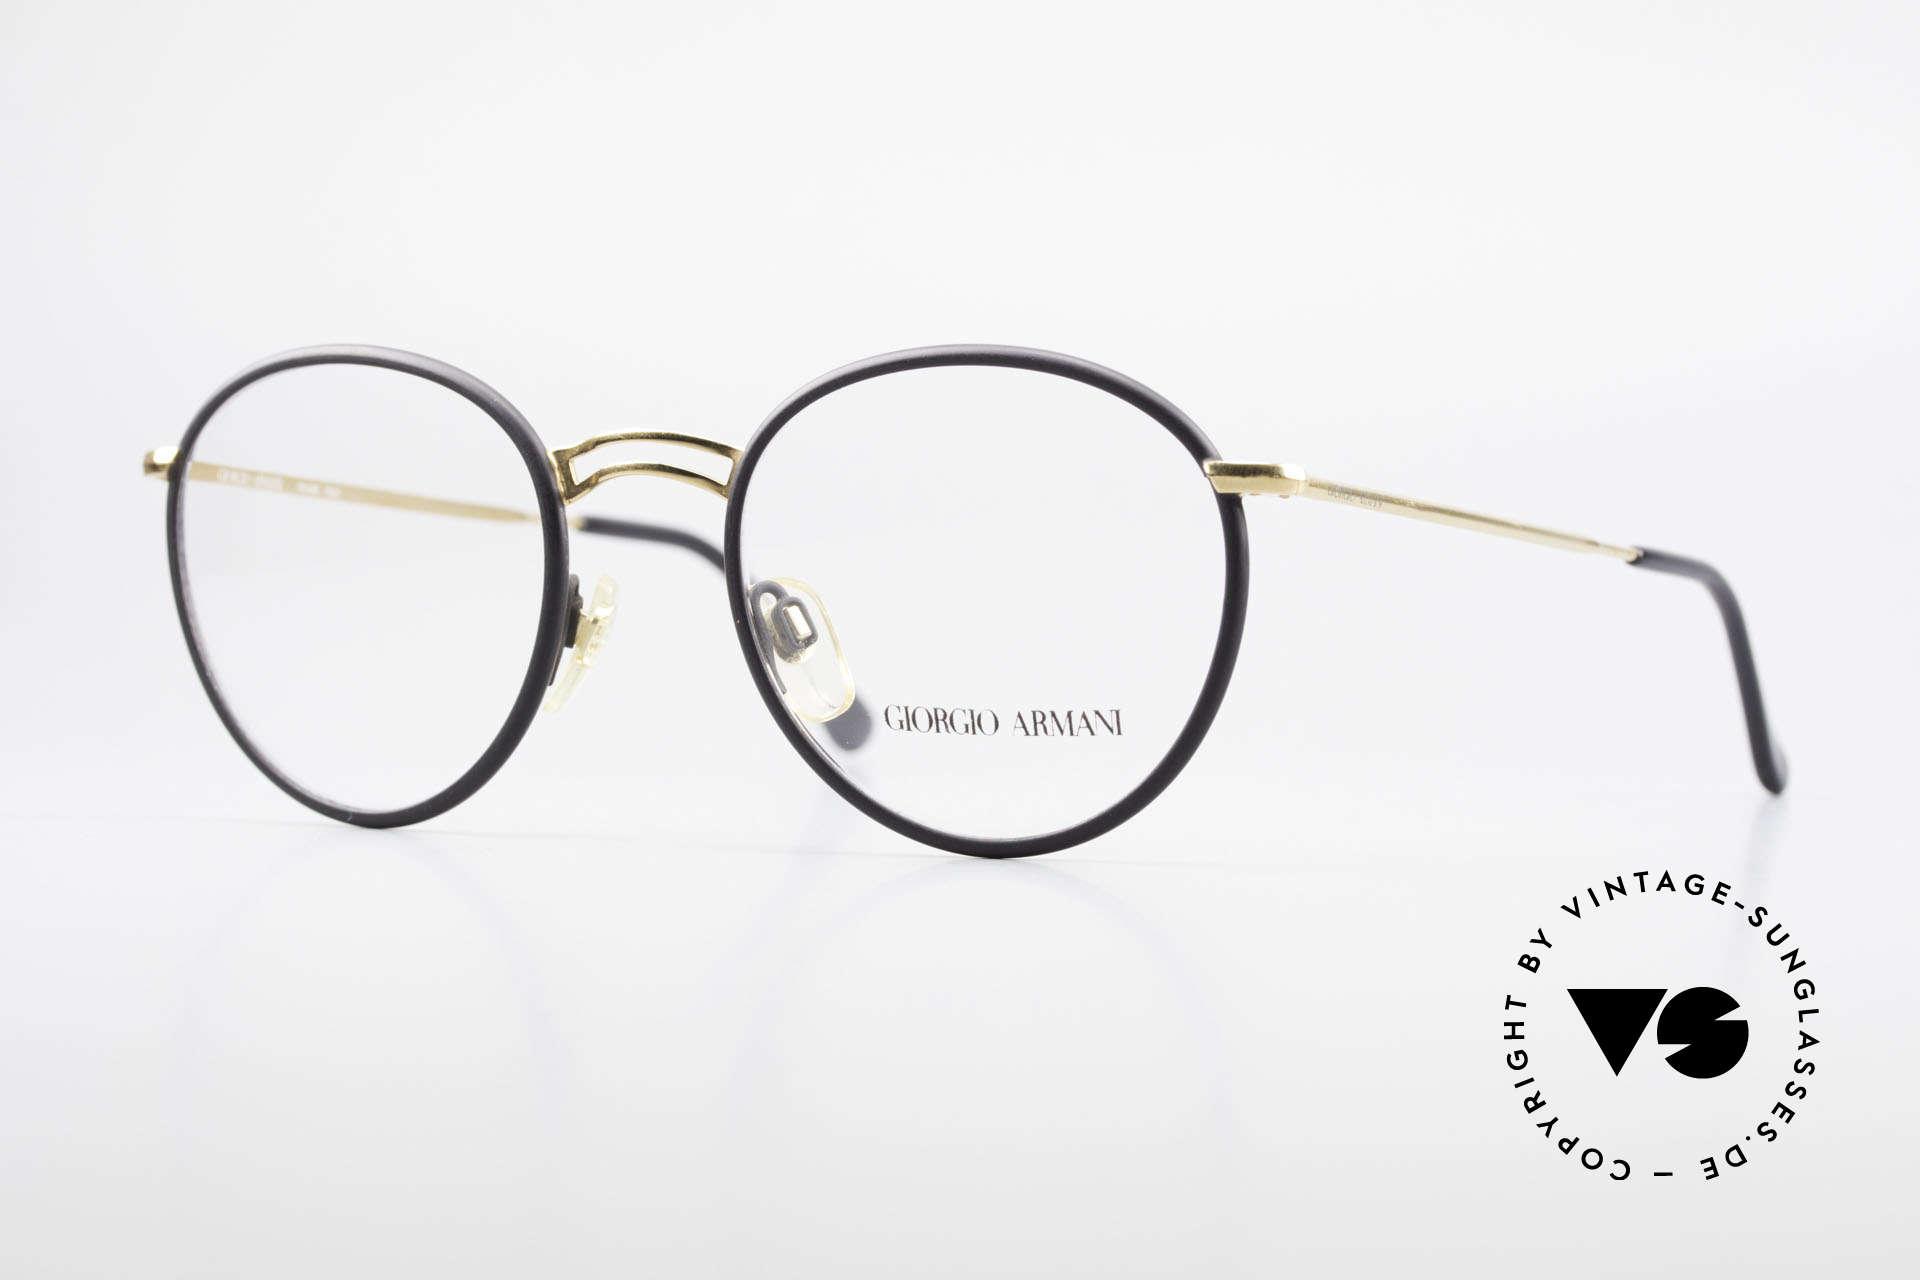 Giorgio Armani 152 Runde Vintage Brille Herren, zeitlose vintage Giorgio Armani Designer-Fassung, Passend für Herren